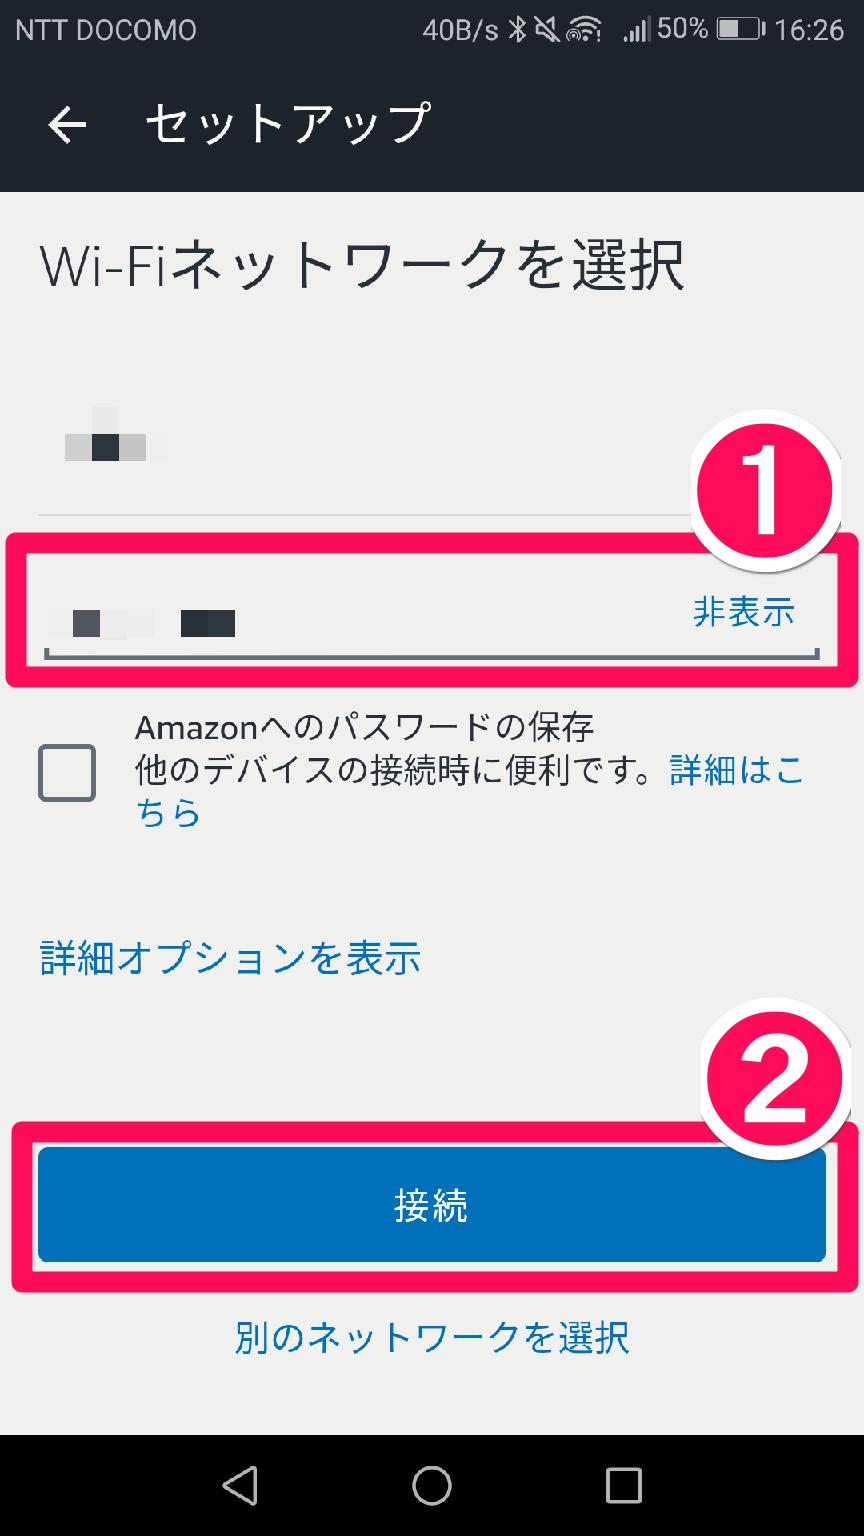 Amazon Alexa(アマゾンアレクサ)アプリの[Wi-Fiネットワークを選択]画面その2